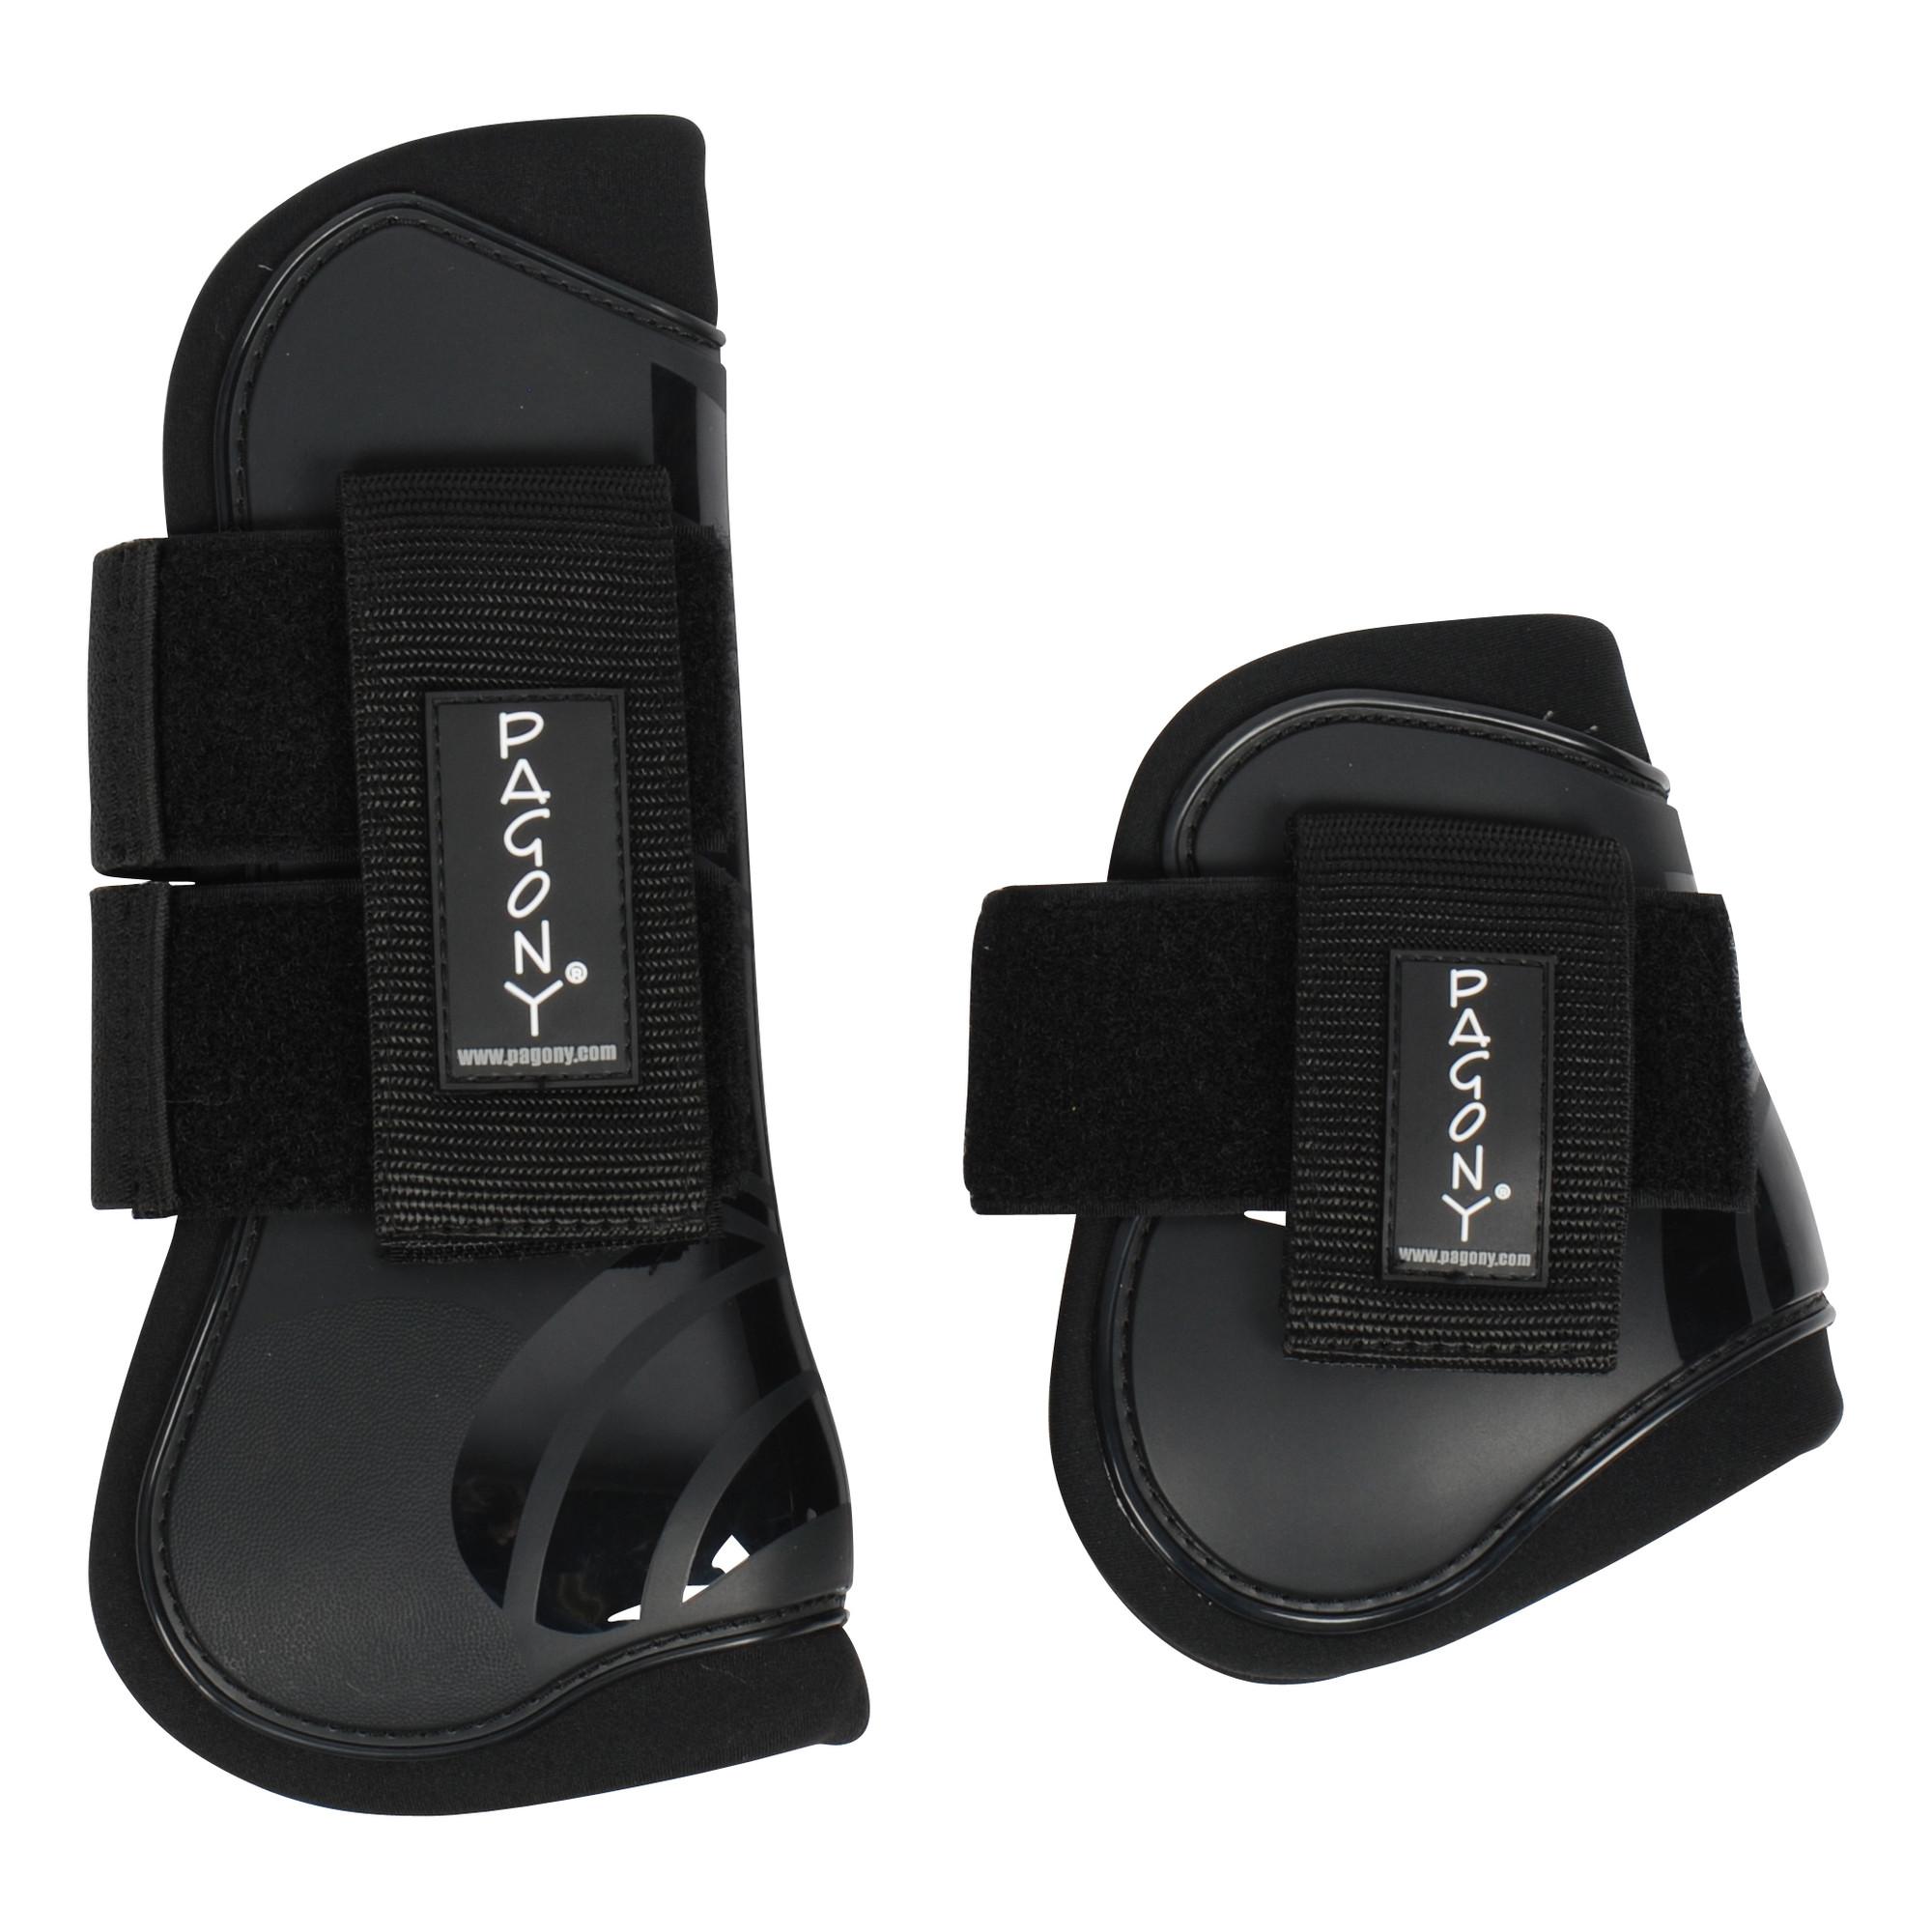 Pagony Pro Velcro Pees- en kogelbeschermerset zwart maat:full